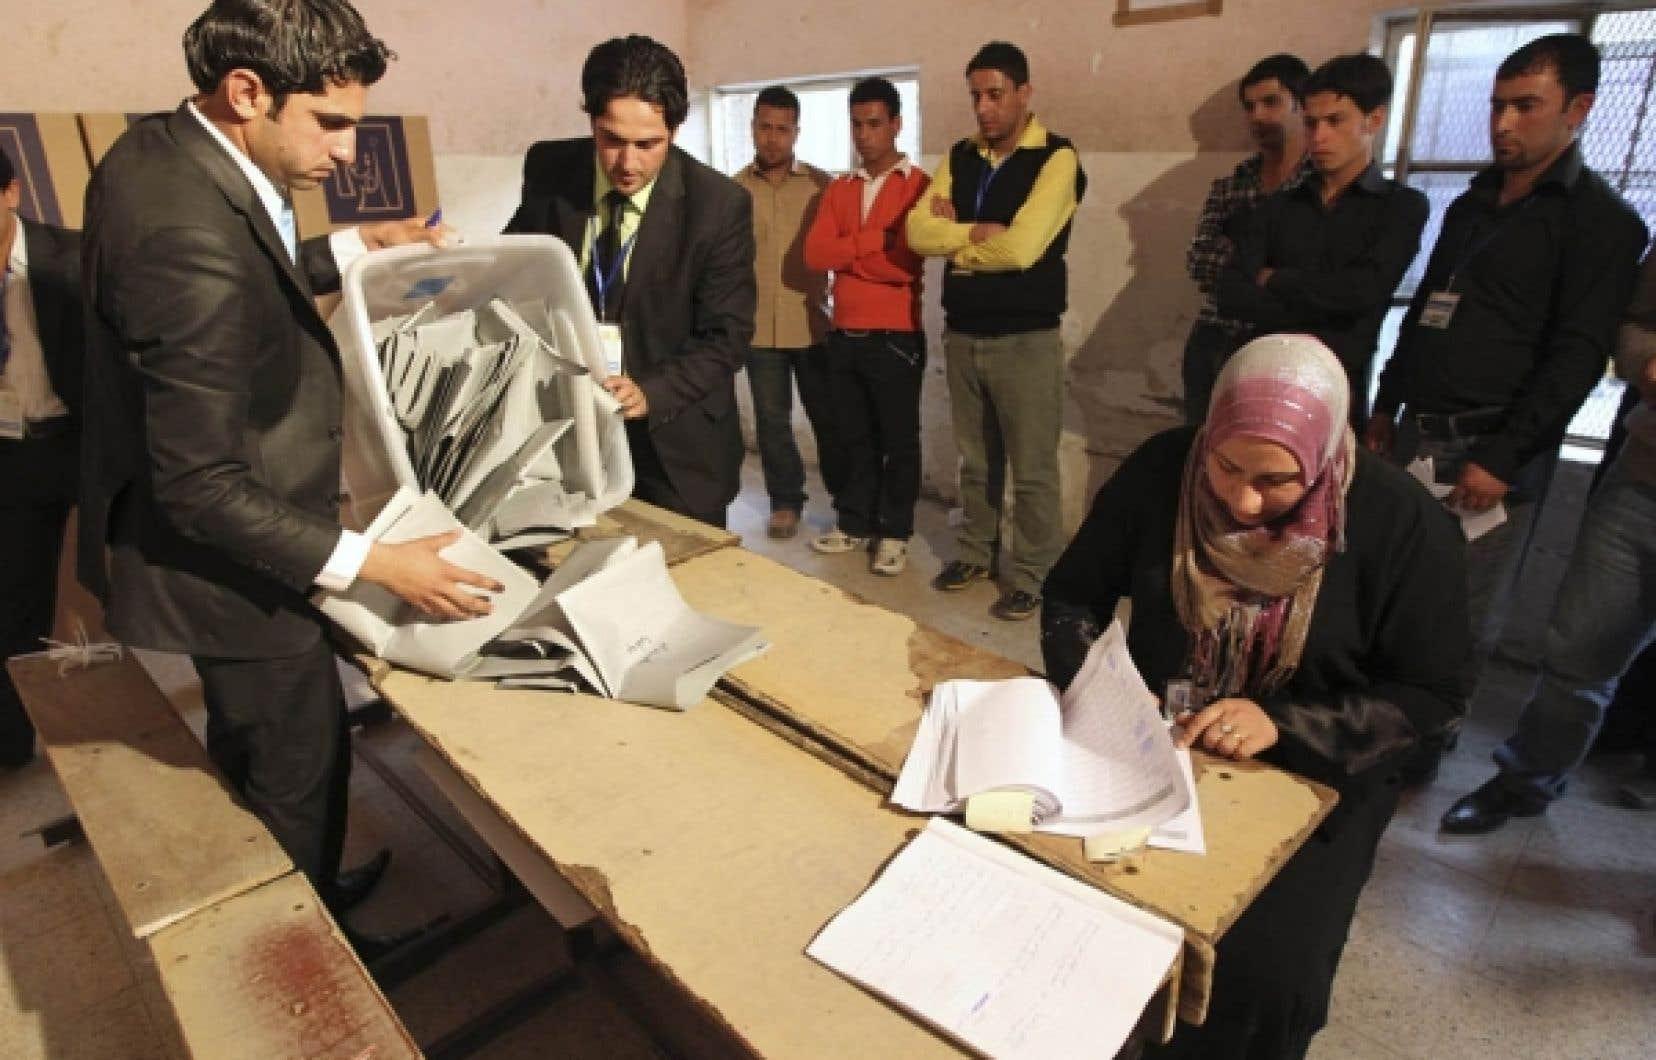 Dépouillement des bulletins de vote, hier, dans le quartier de Sadr City, à Bagdad. Les résultats définitifs des élections législatives en Irak ne sont pas attendus avant le 18 mars.